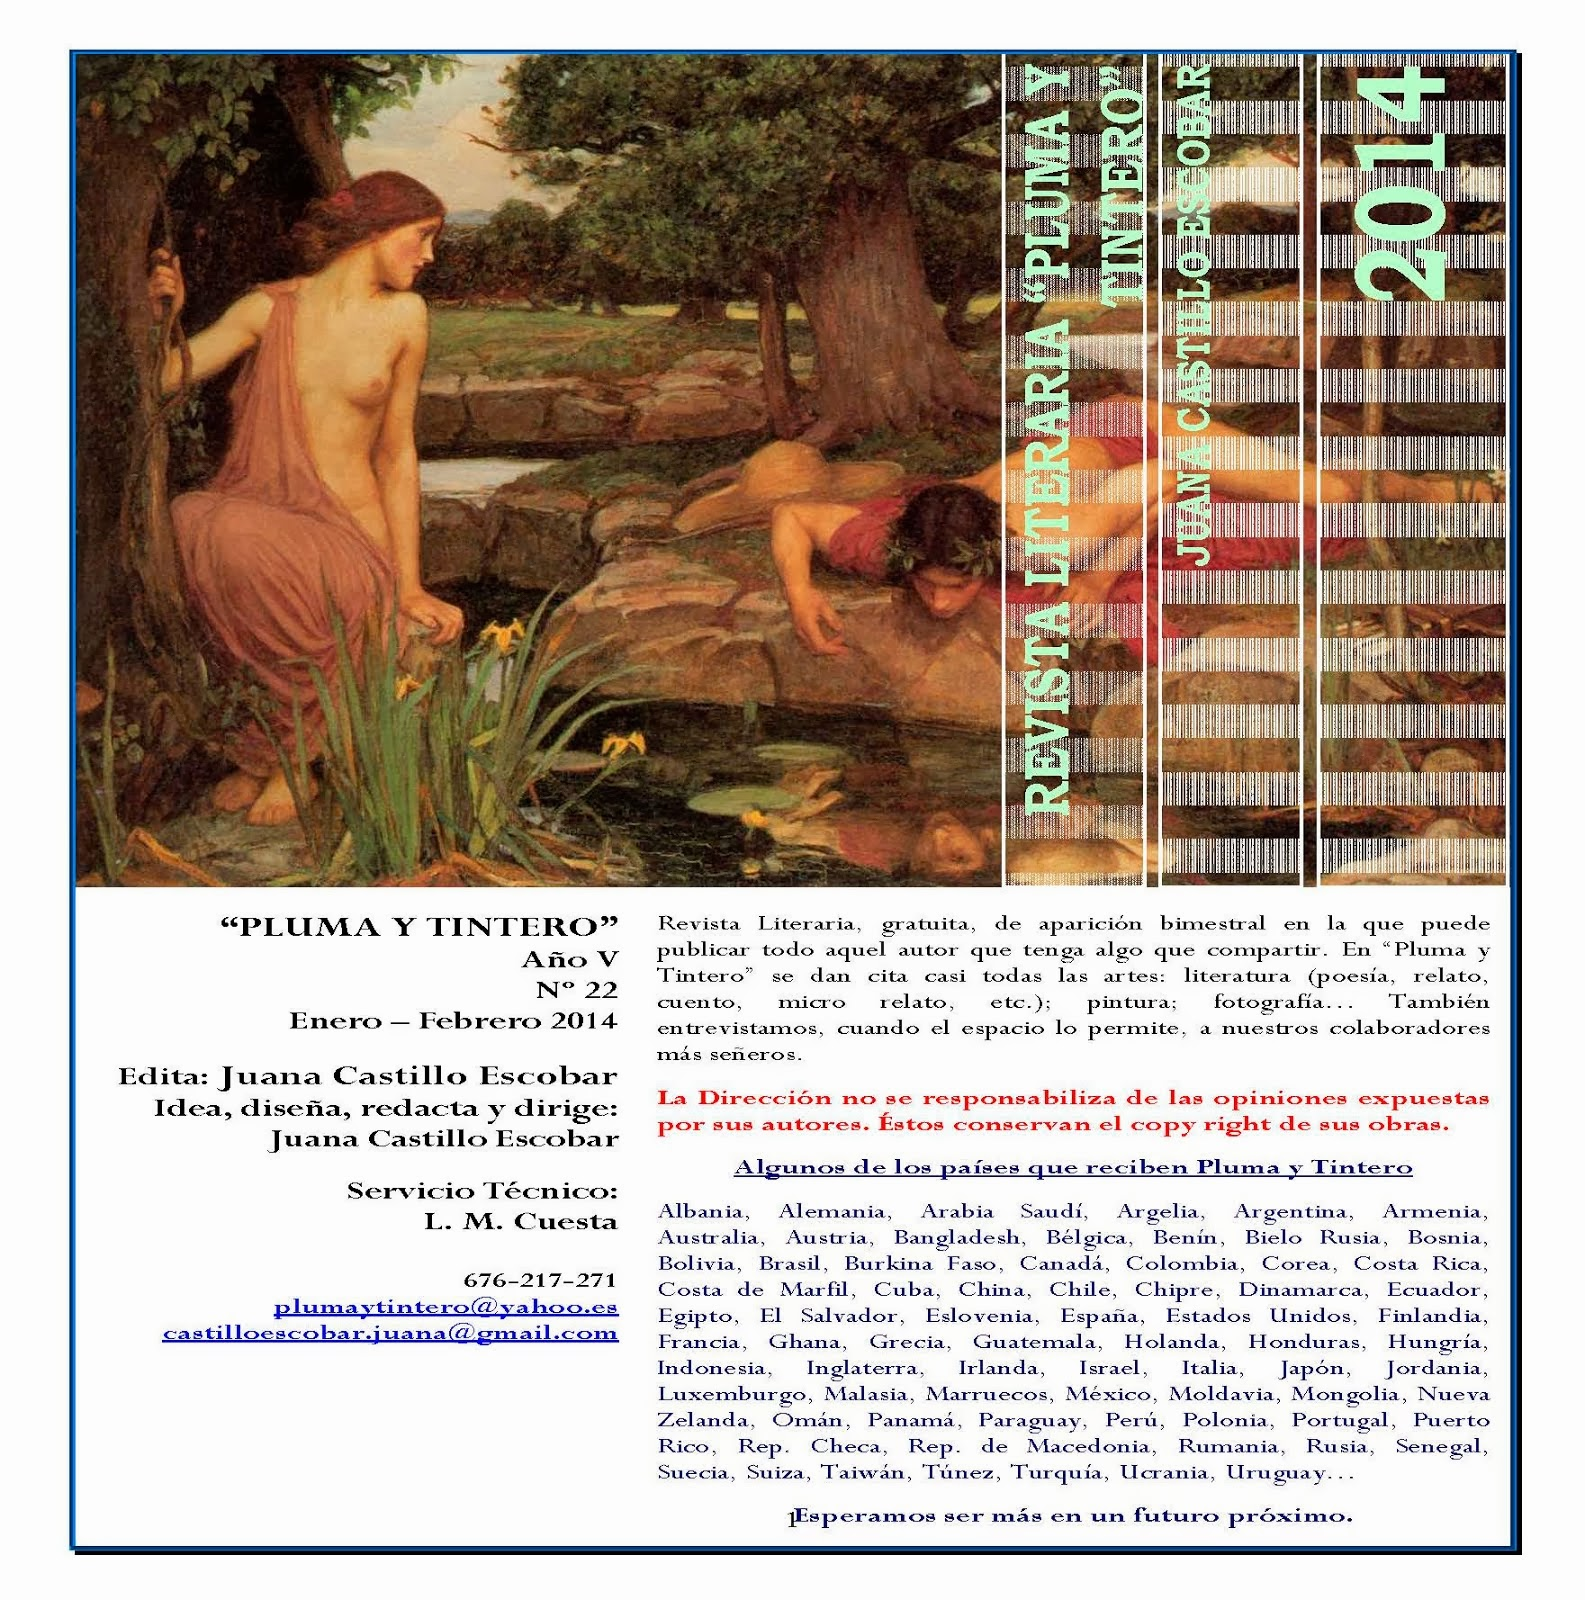 """Revista Literaria """"Pluma y Tintero"""" Año V N. 22 Enero - Febrero 2014 Clica en la imagen"""